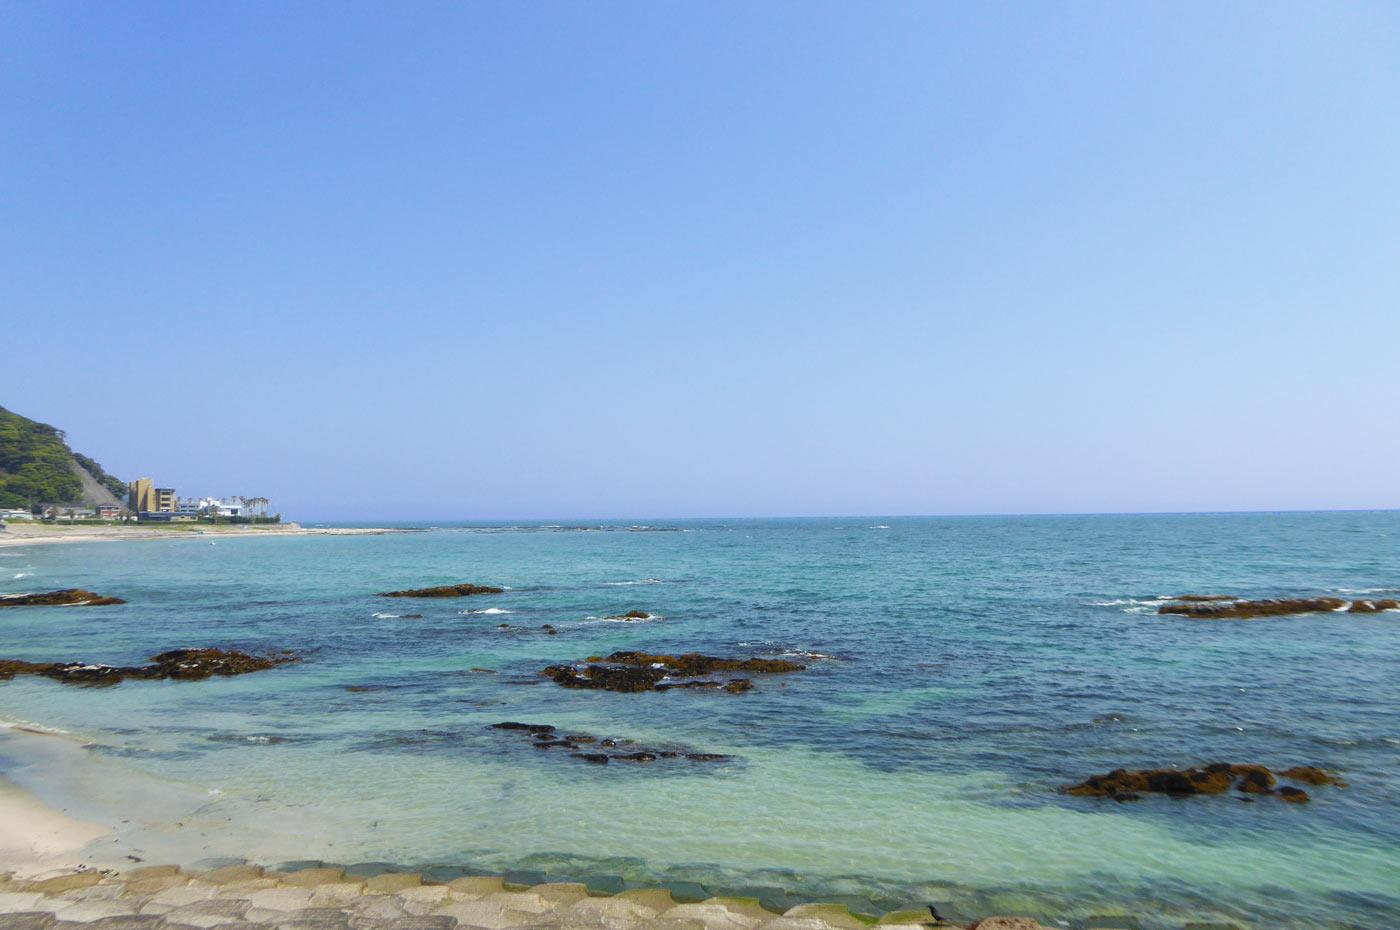 城崎海水浴場の小磯の画像